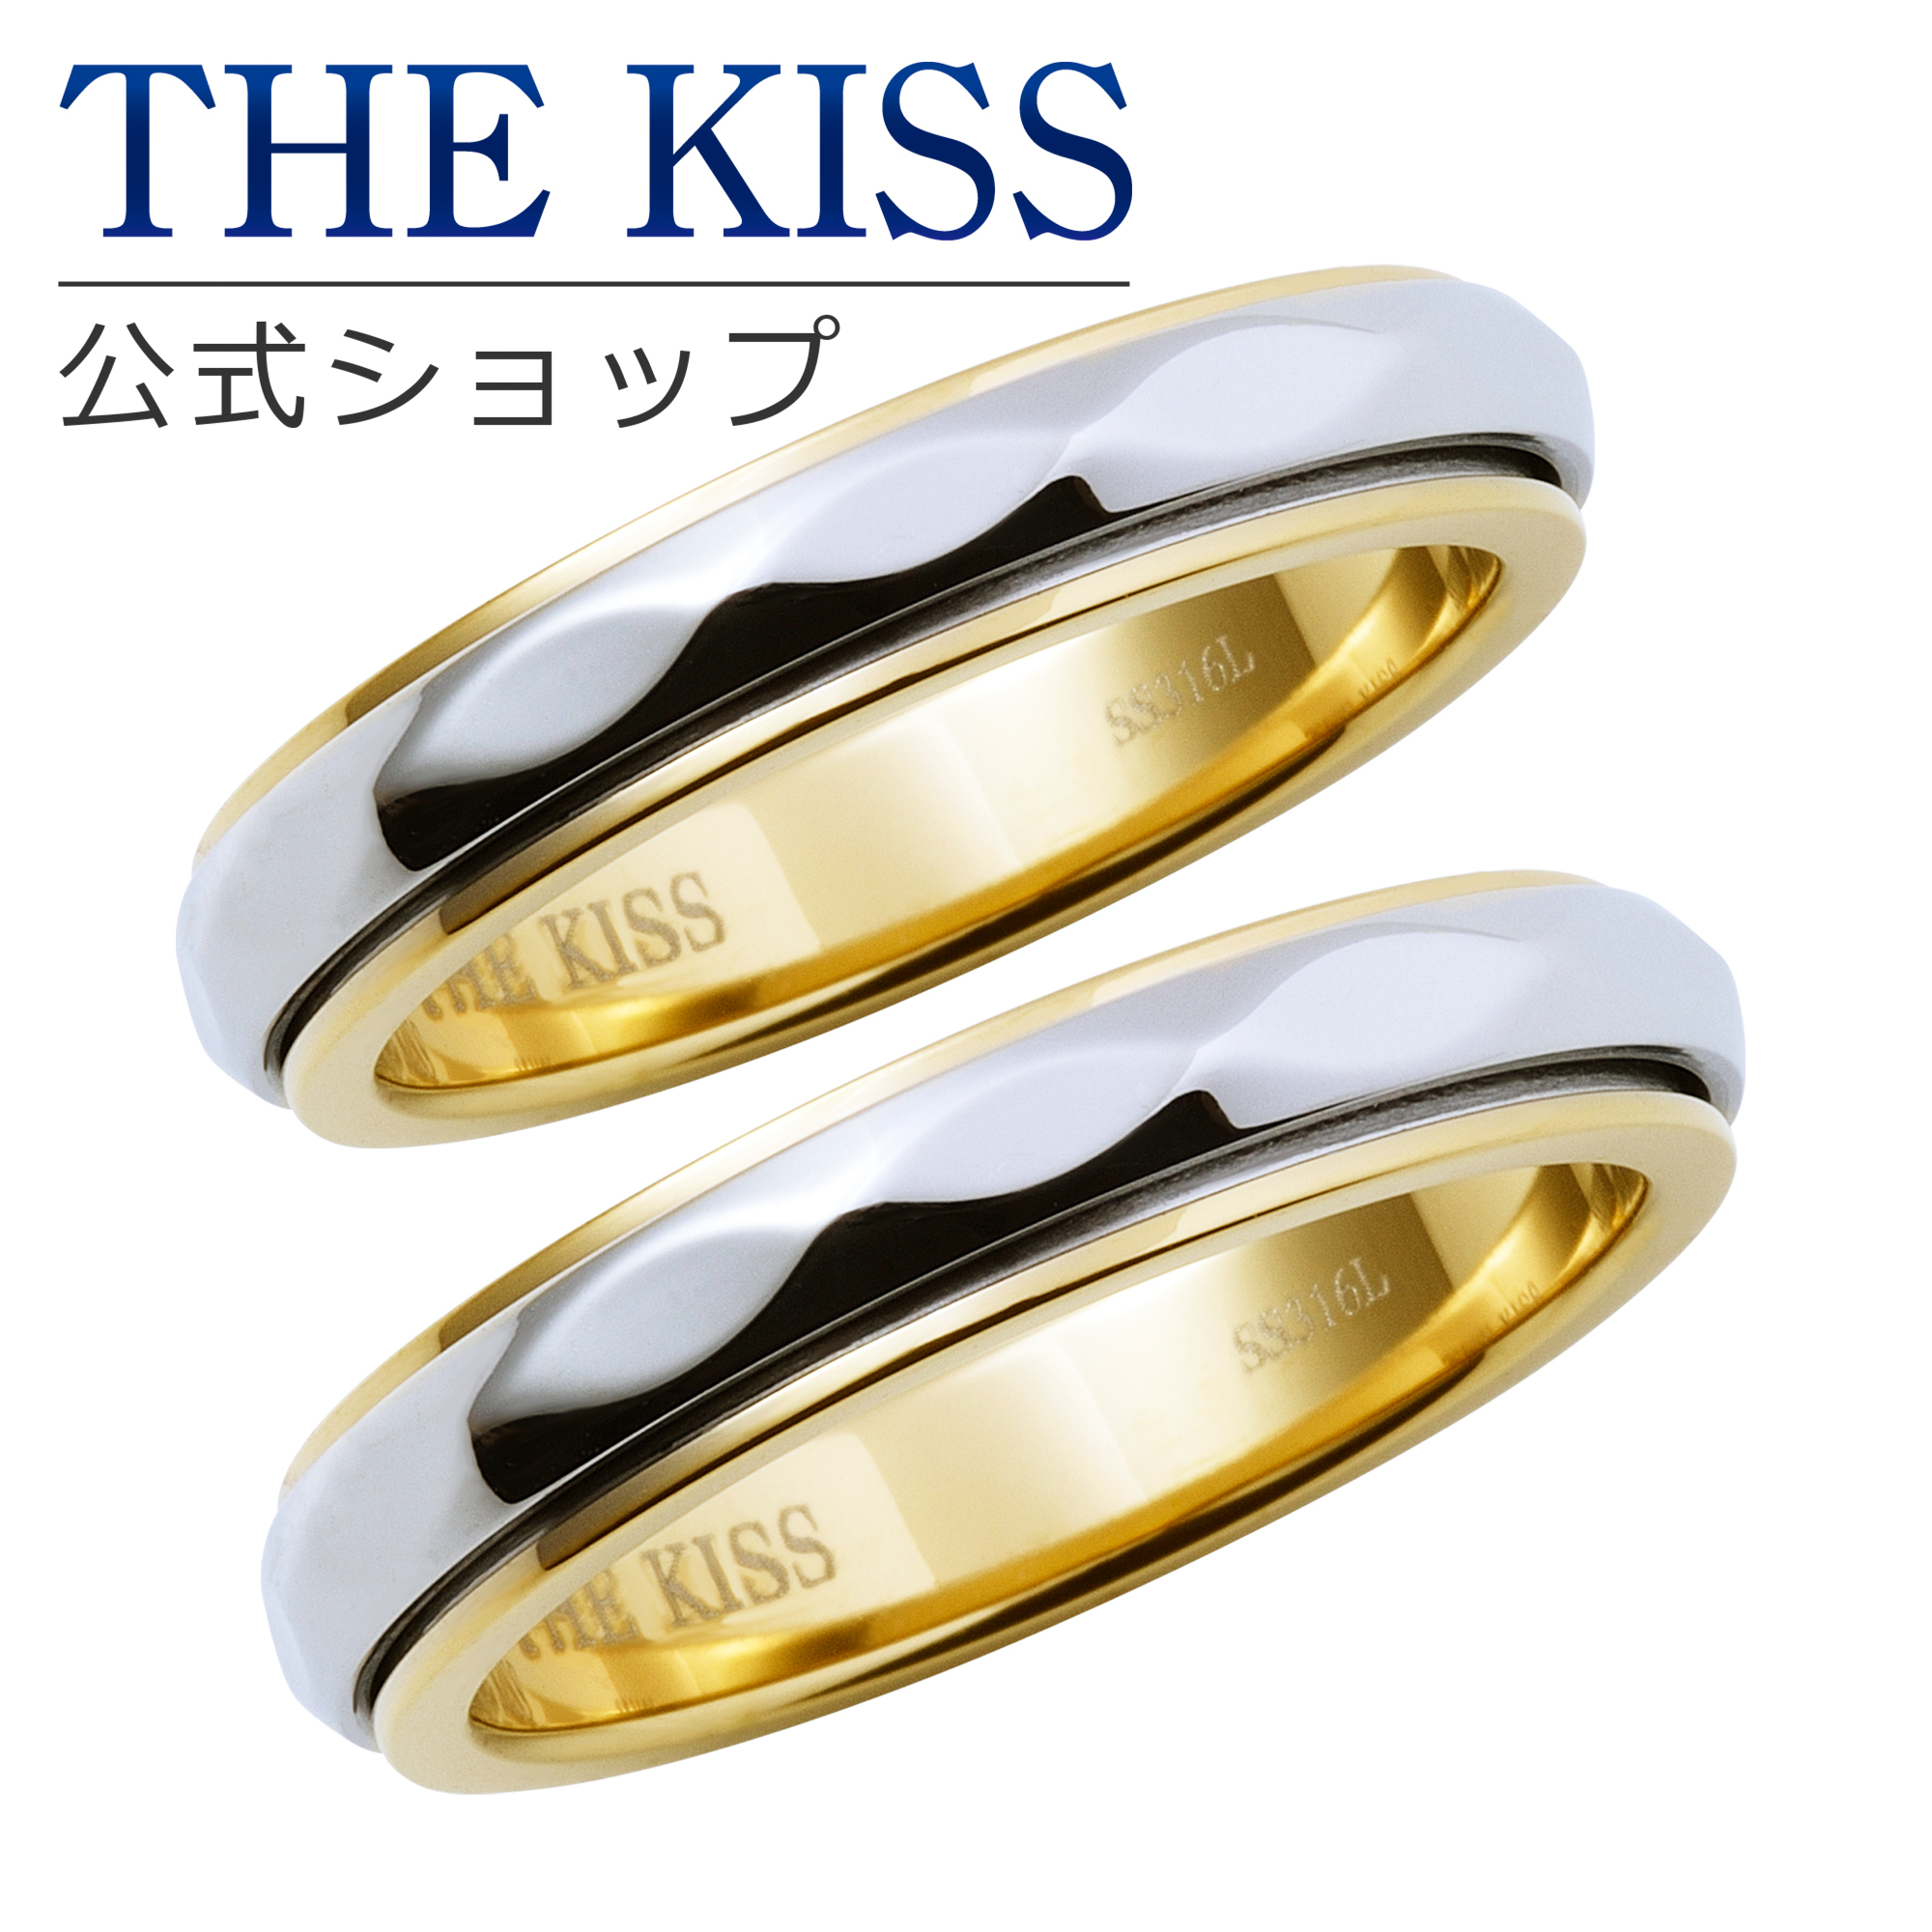 【あす楽対応】THE KISS 公式サイト シルバー ペアリング ペアアクセサリー カップル に 人気 の ジュエリーブランド THEKISS ペア リング・指輪 記念日 プレゼント TR1028YE-P セット シンプル 男性 女性 2個ペア ザキス 【送料無料】